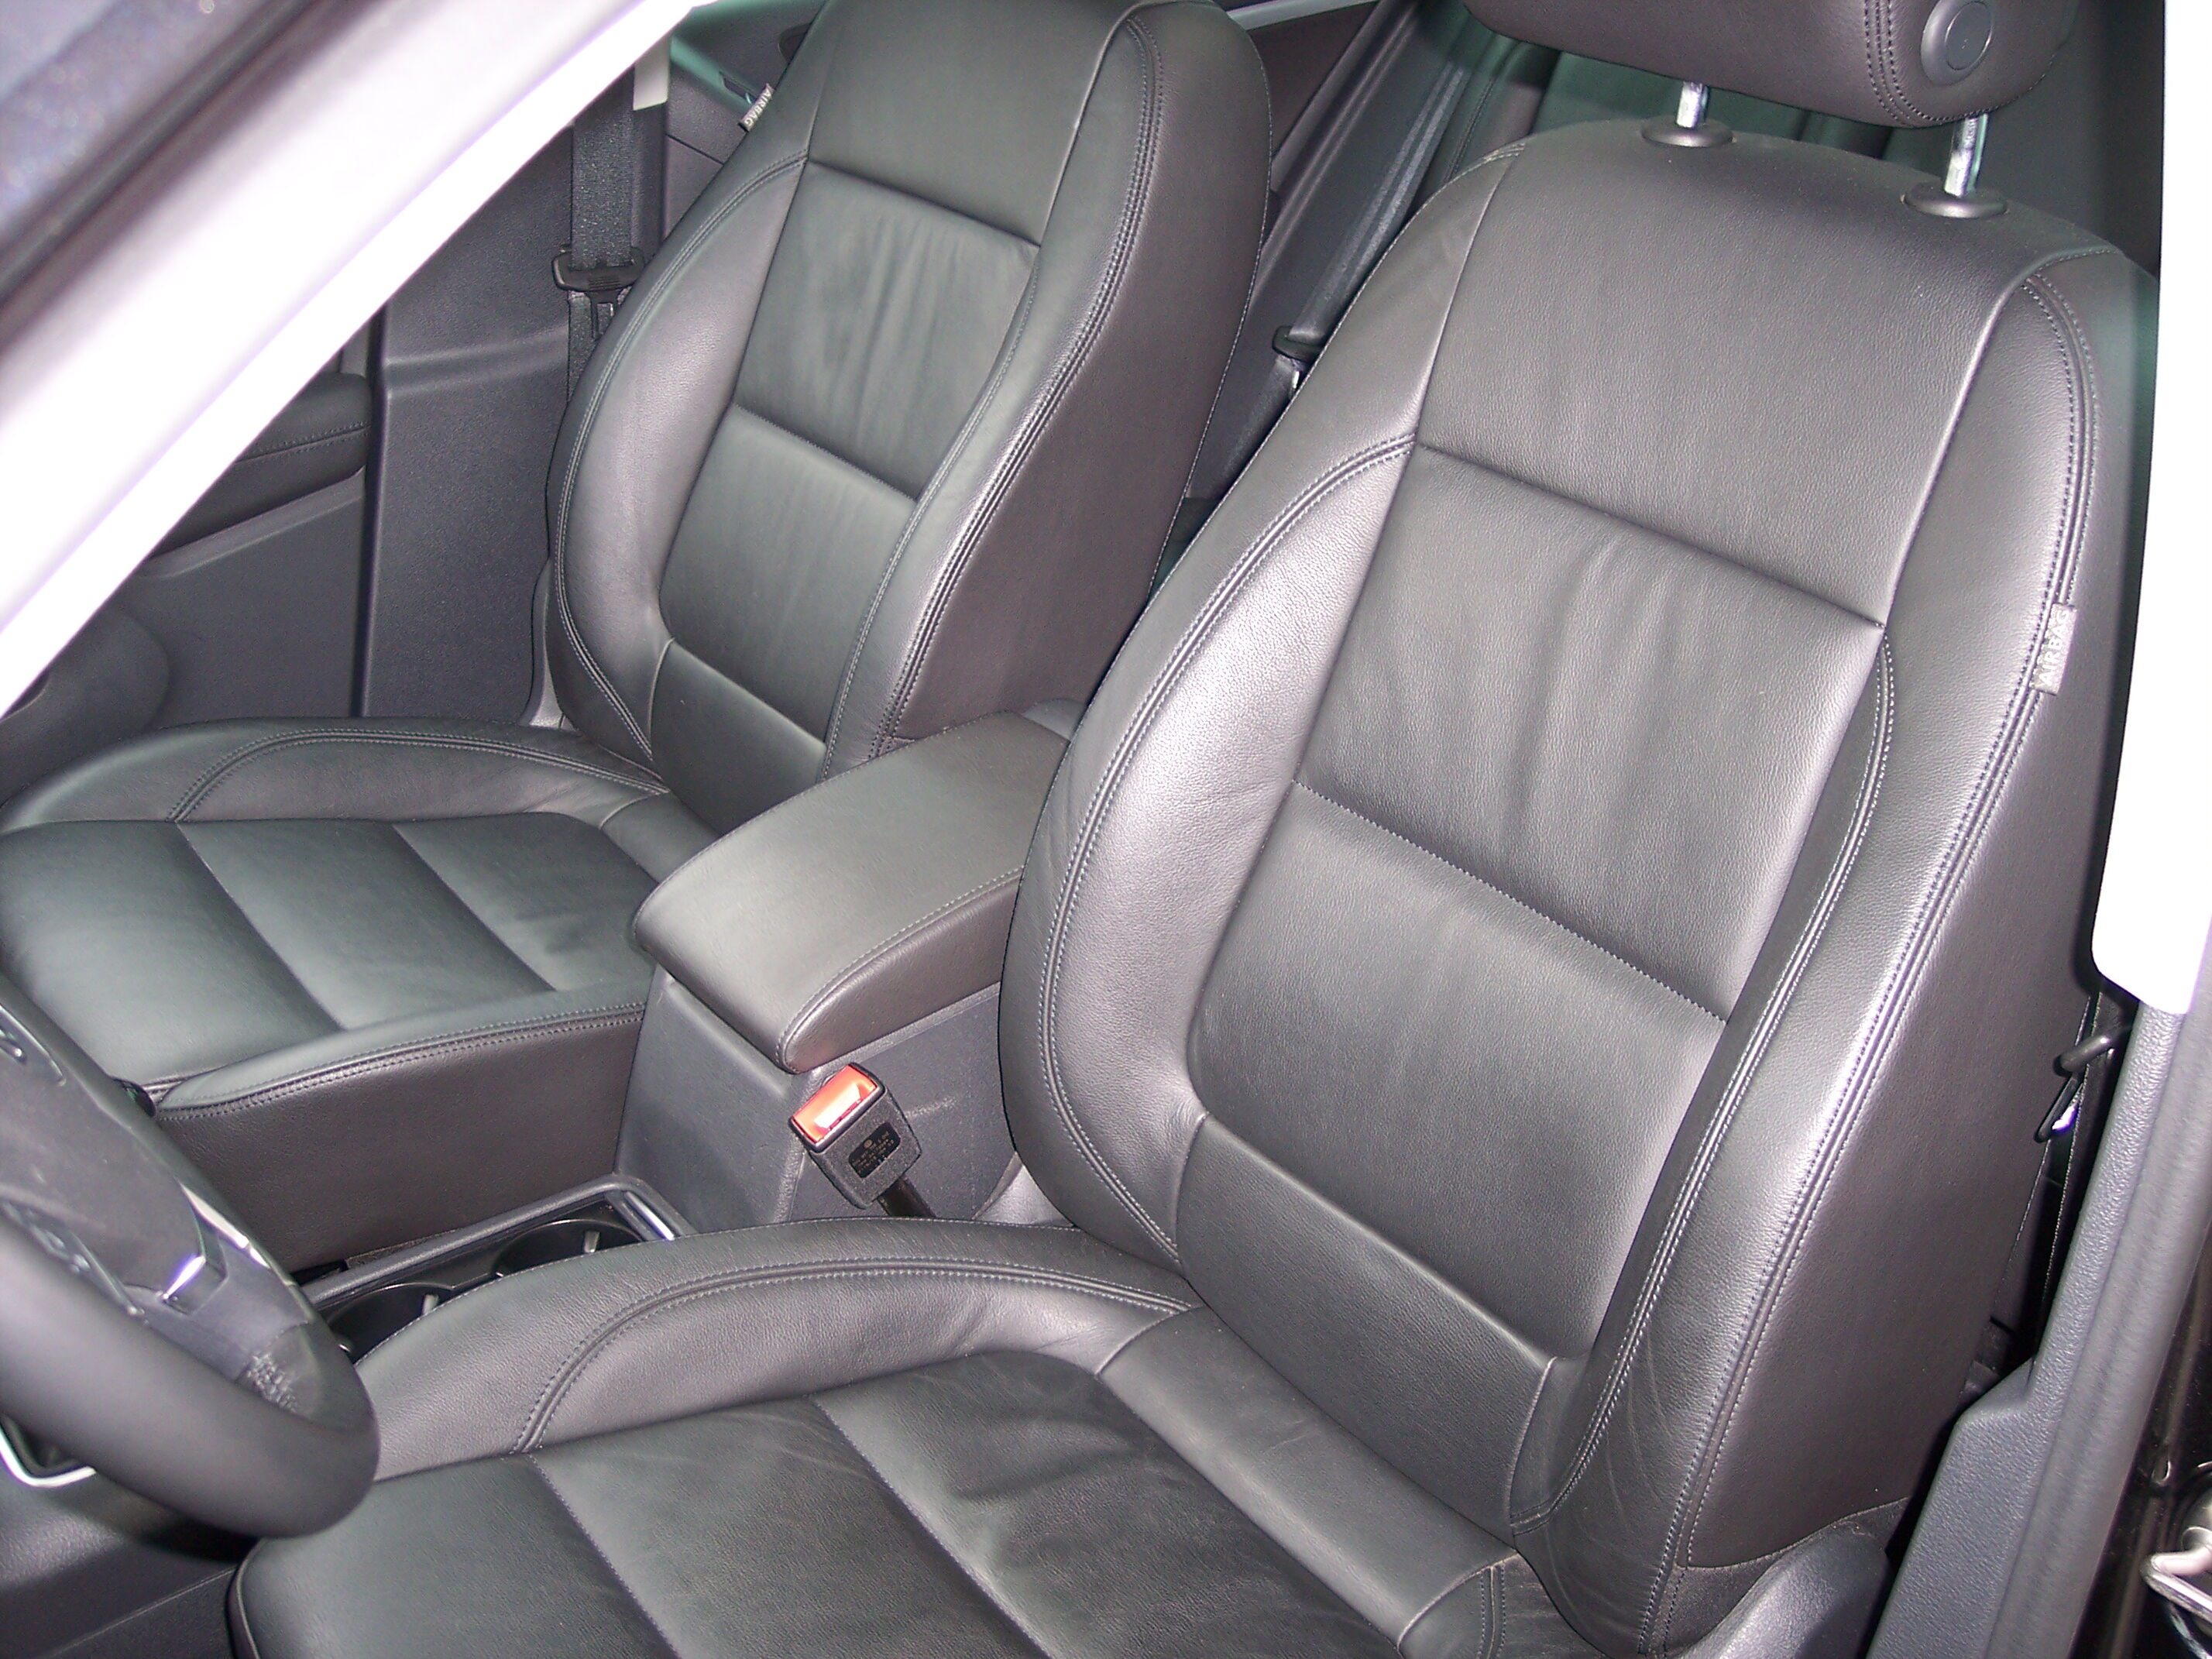 Volkswagen TIGUAN SUV BENZINE 13/15